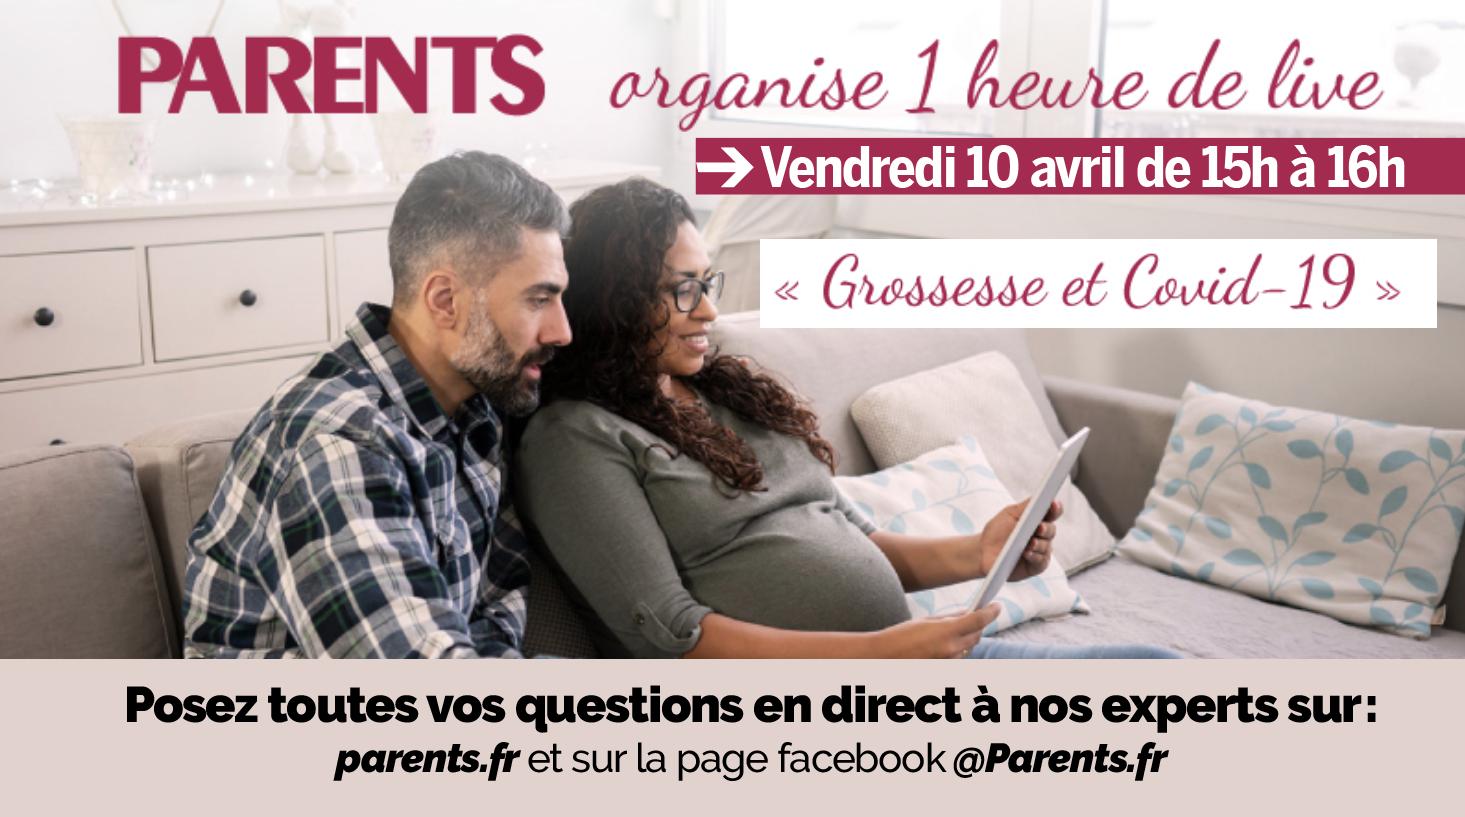 Grossesse et Covid-19 : Parents organise un Live !